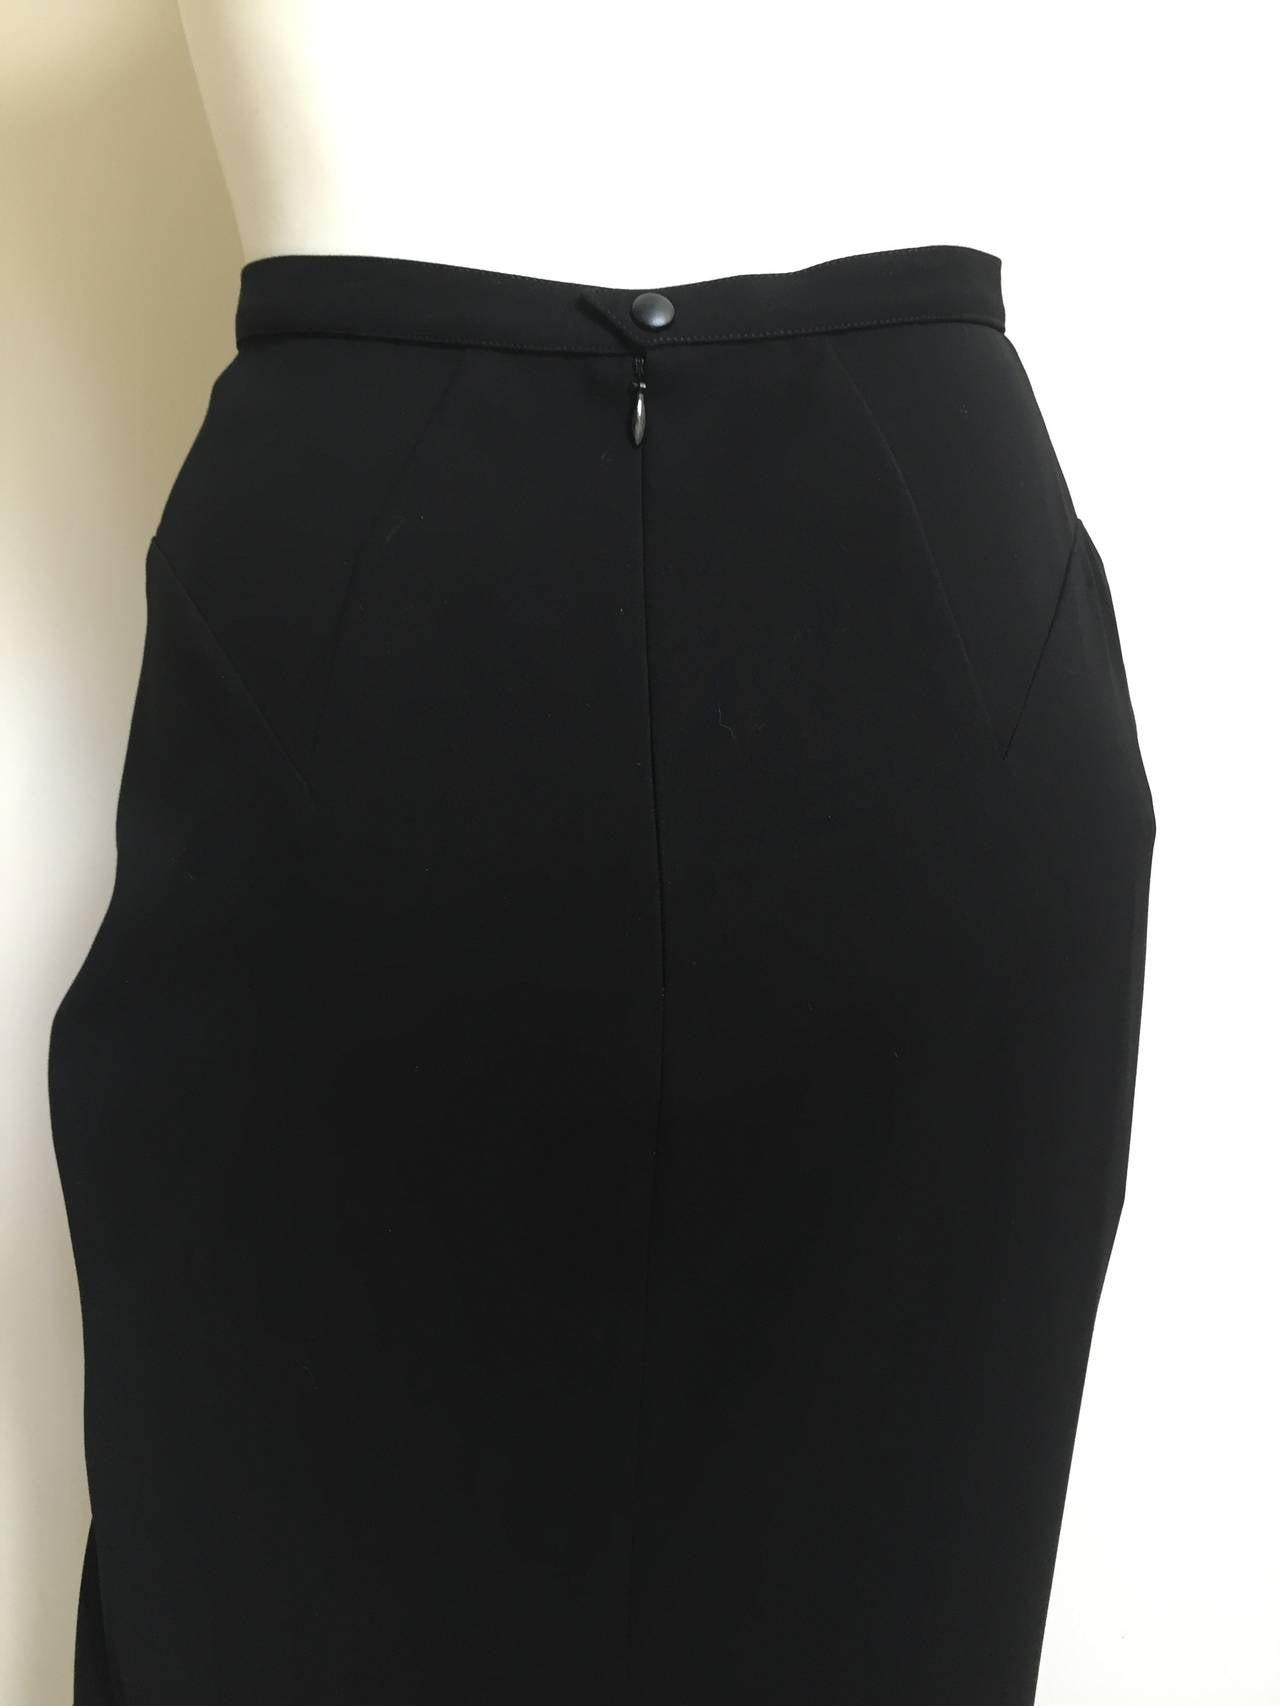 Mugler 90s Black Evening Skirt Size 4. 4